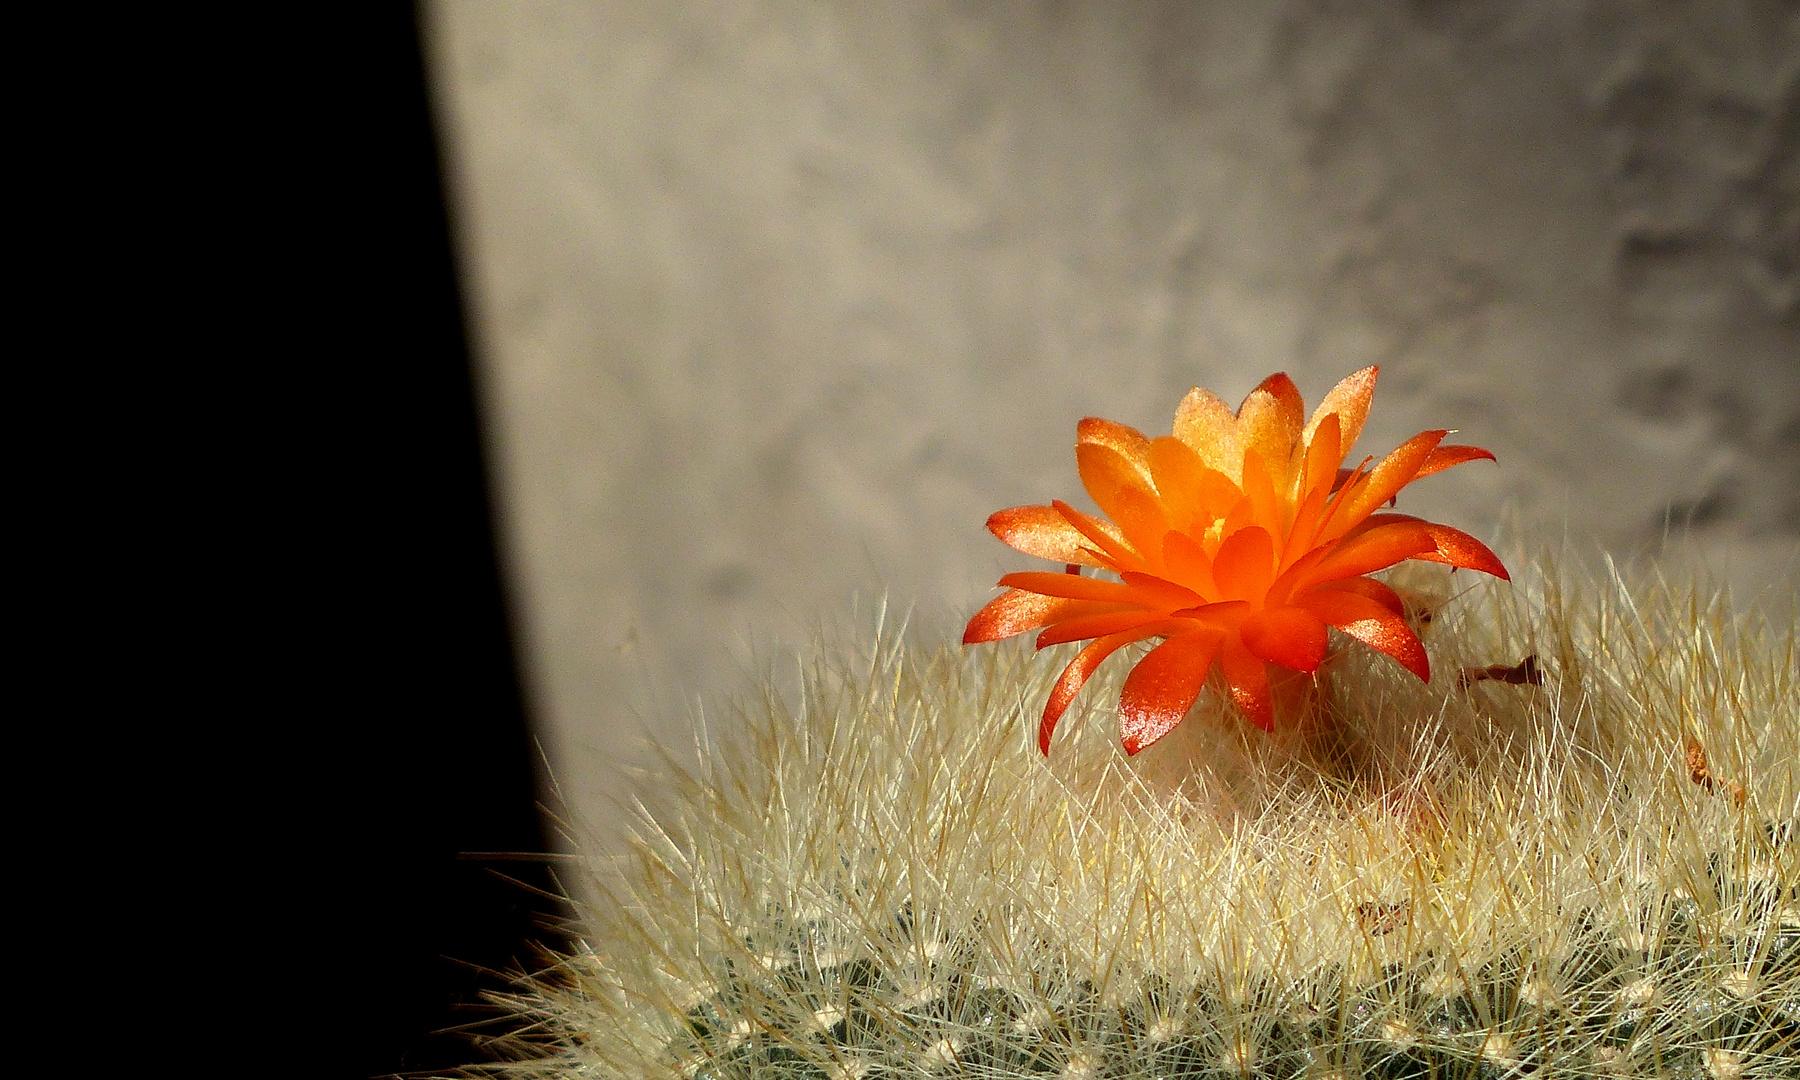 Flowering cactus Rebutia fiebrigii